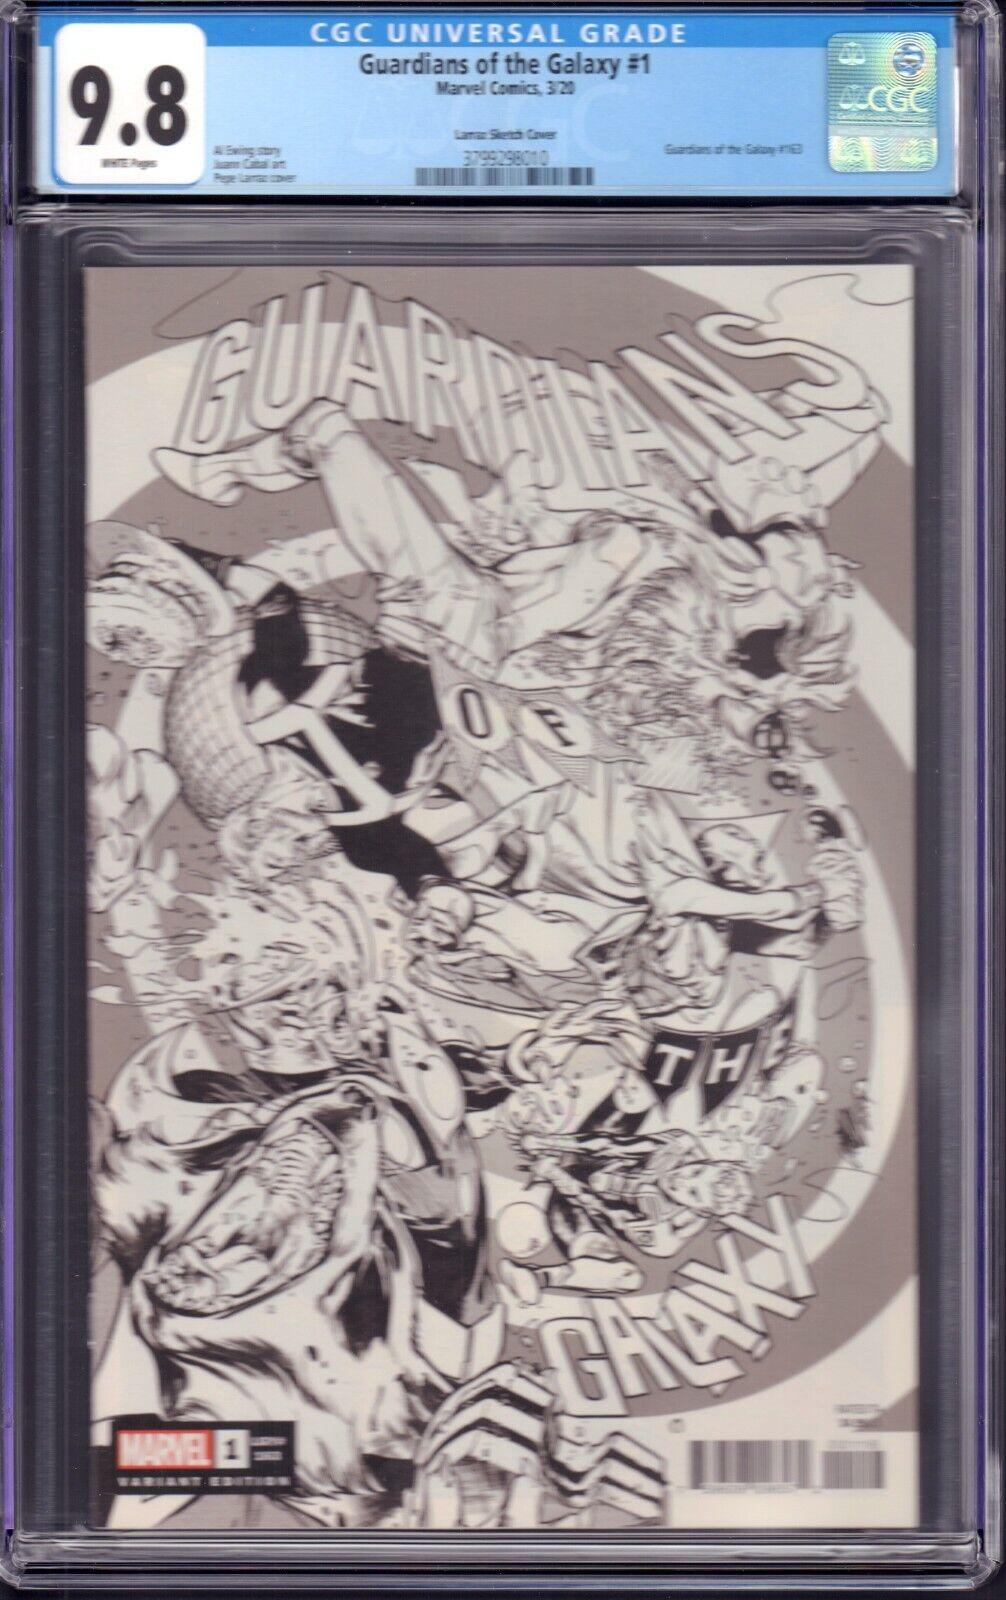 Guardians Of The Galaxy 1 Marvel Comics, 2020 CGC 9.8 Larraz Sketch Cover - $59.99